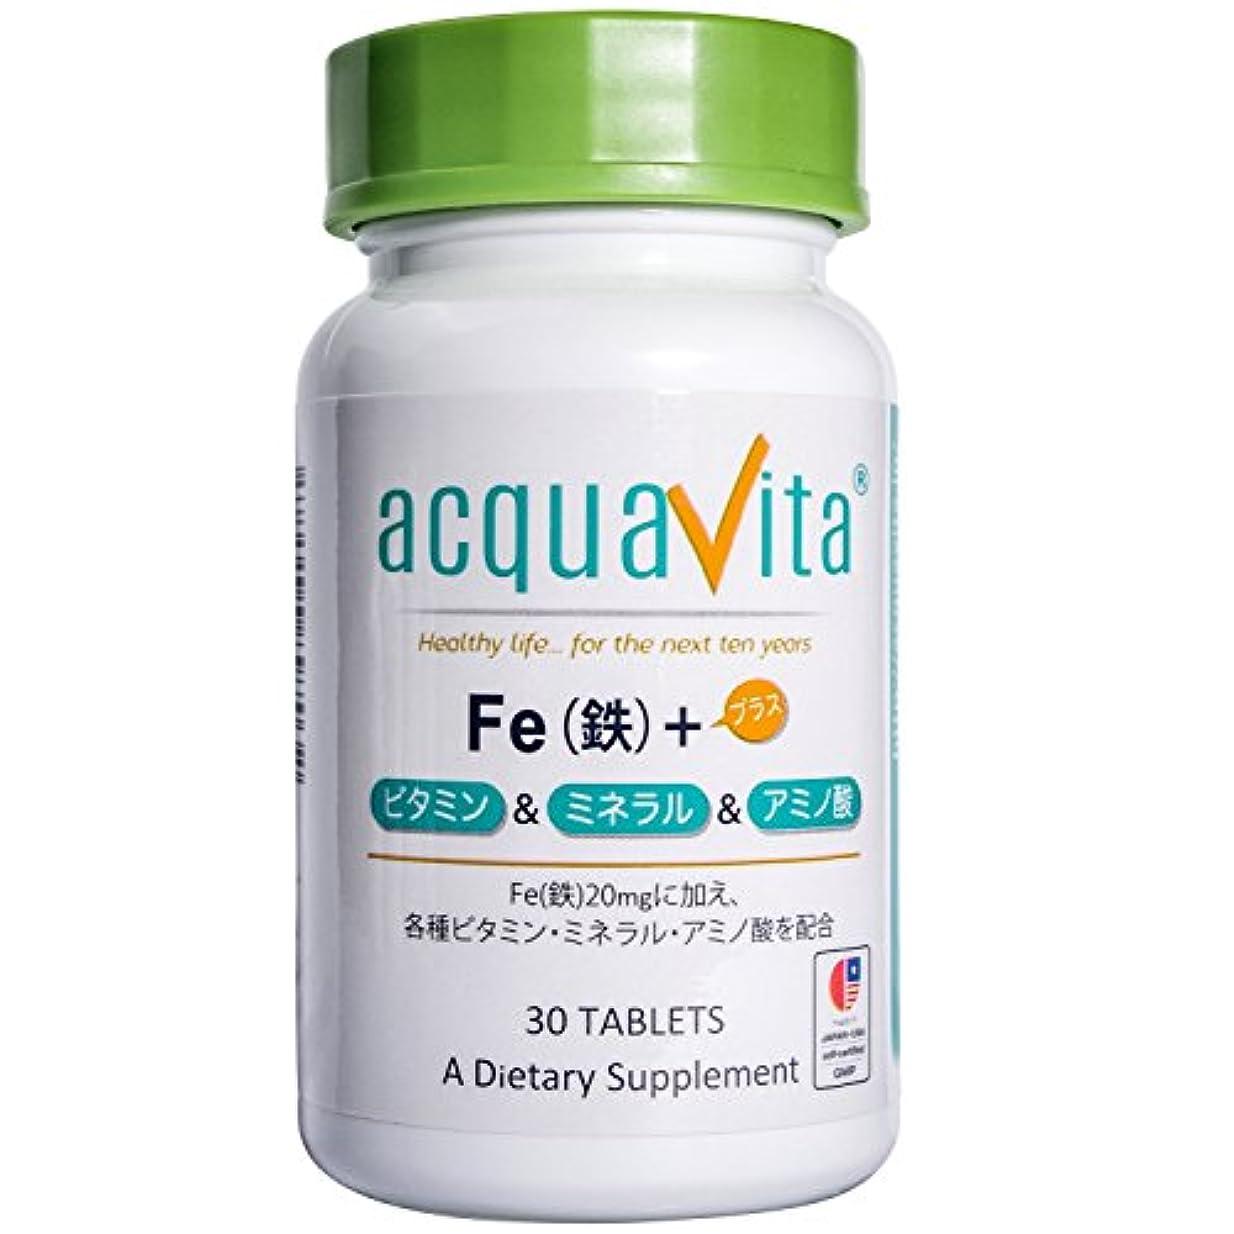 リスナー労働アラームacquavita(アクアヴィータ) Fe(鉄)+ビタミン?ミネラル?アミノ酸 30粒